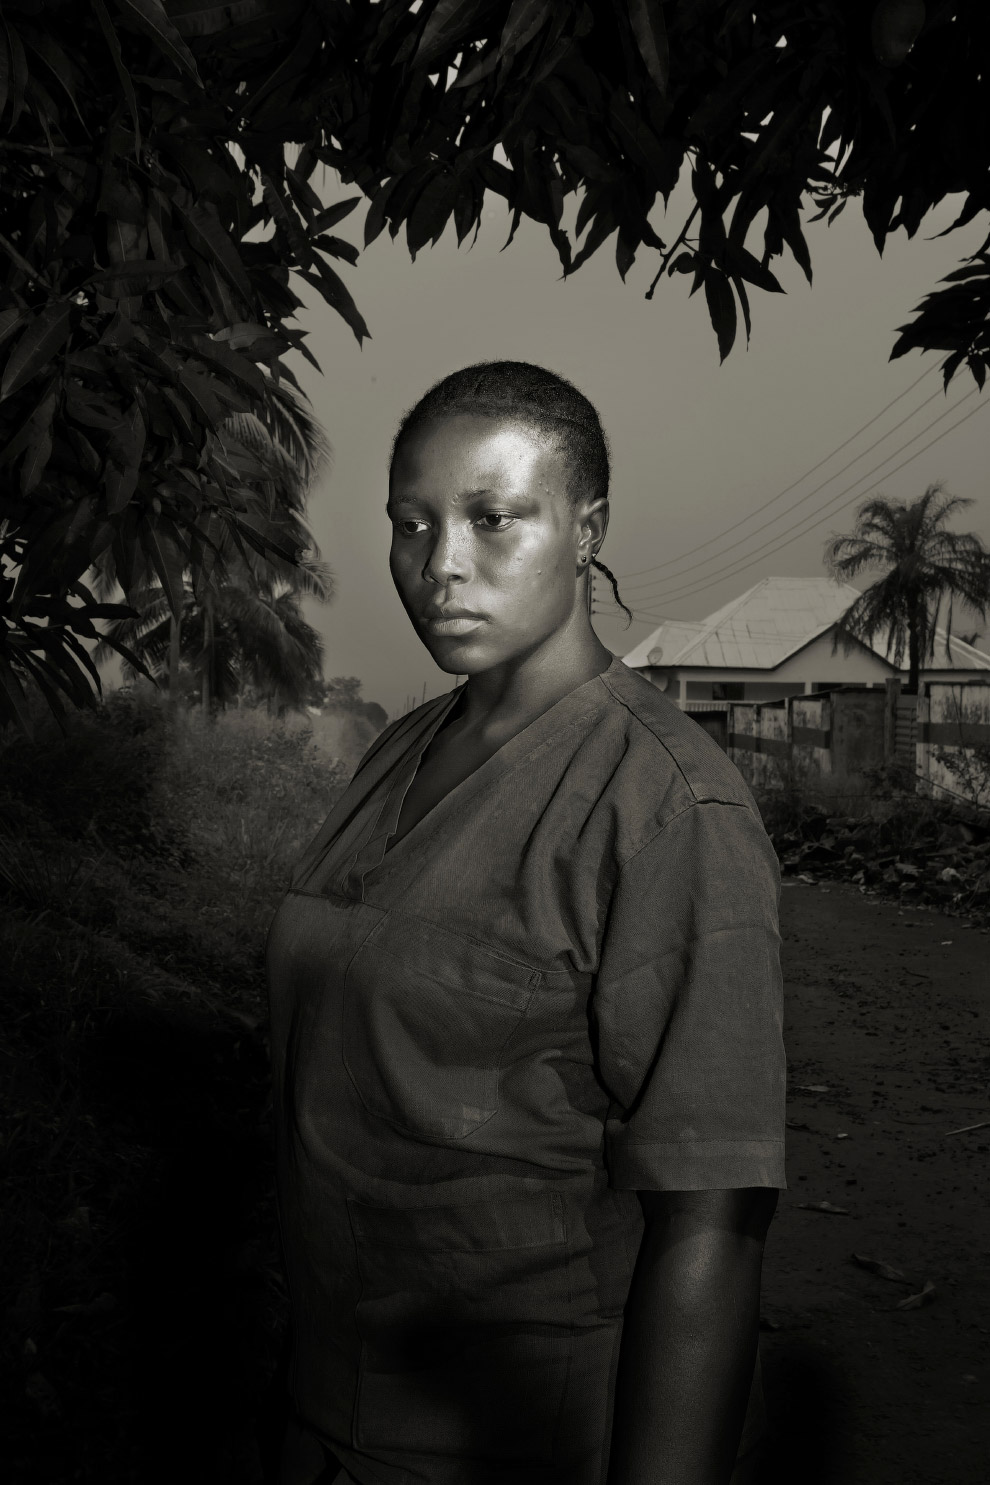 Победитель-в-категории-«Портреты».-Выжившая-после-вируса-Эбола.-Фото-Marcello-Bonfanti